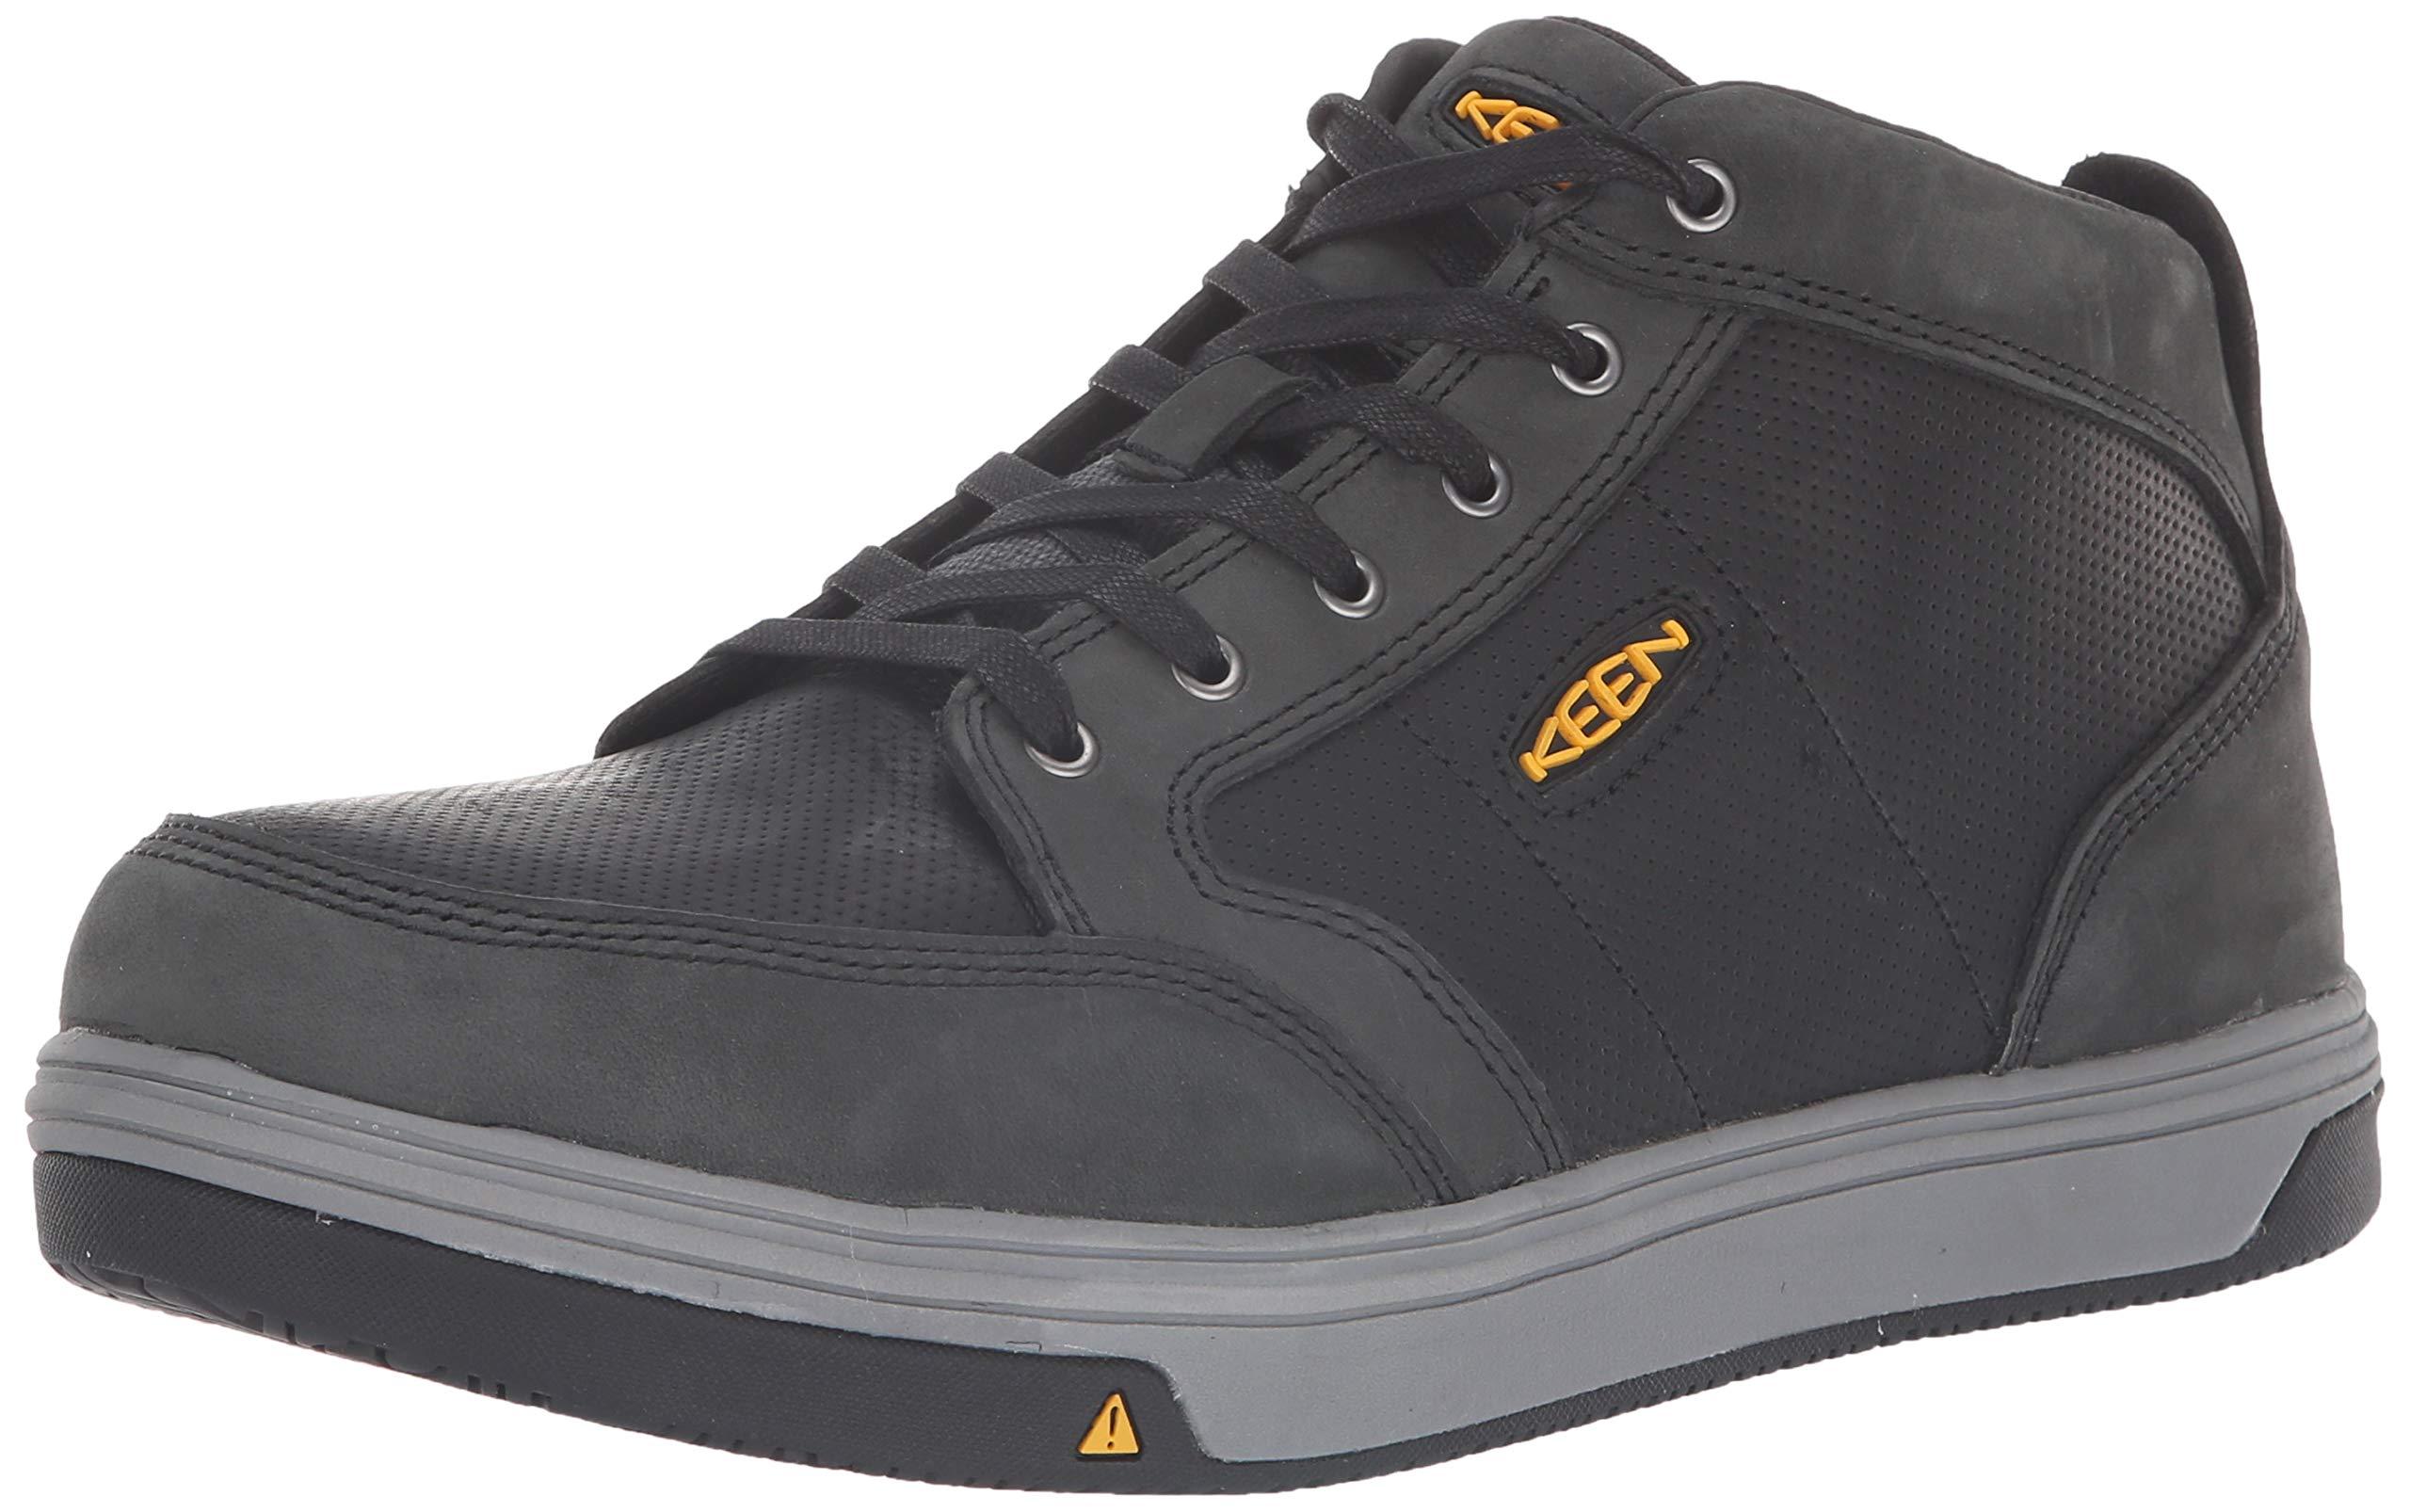 KEEN Utility Men's Redding Mid Alloy Toe Non Slip Work Shoe